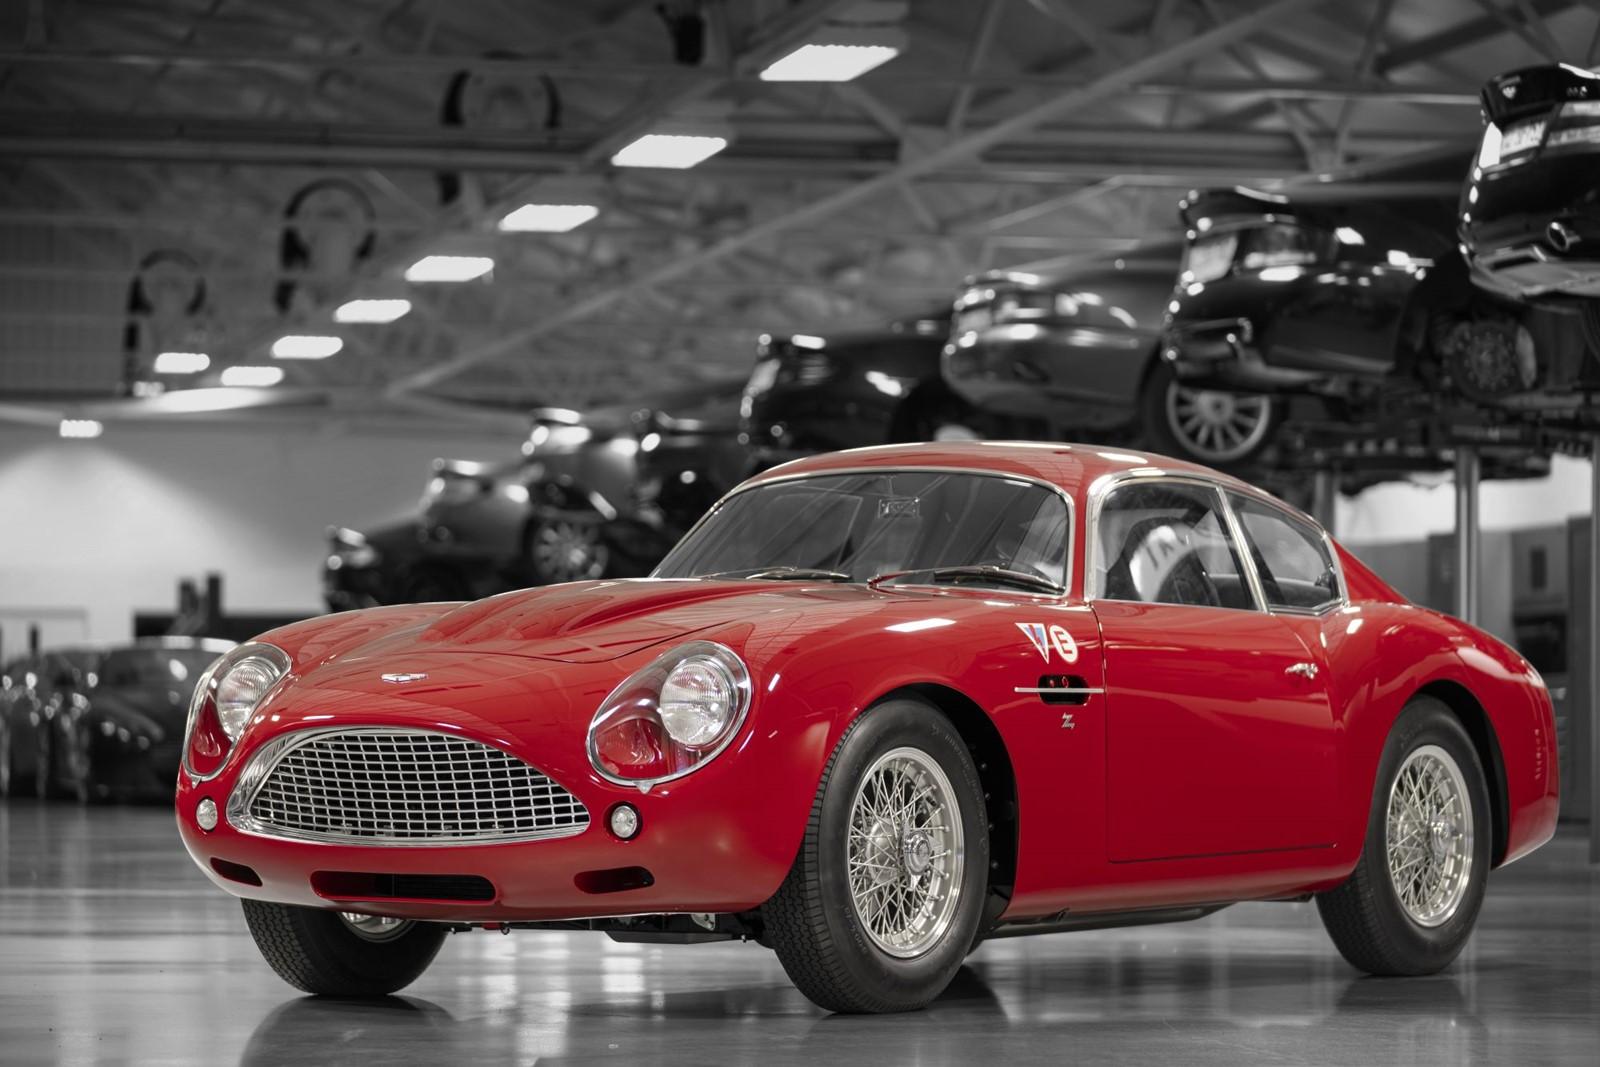 Aston_Martin_DB4_GT_Zagato_Continuation_1_1